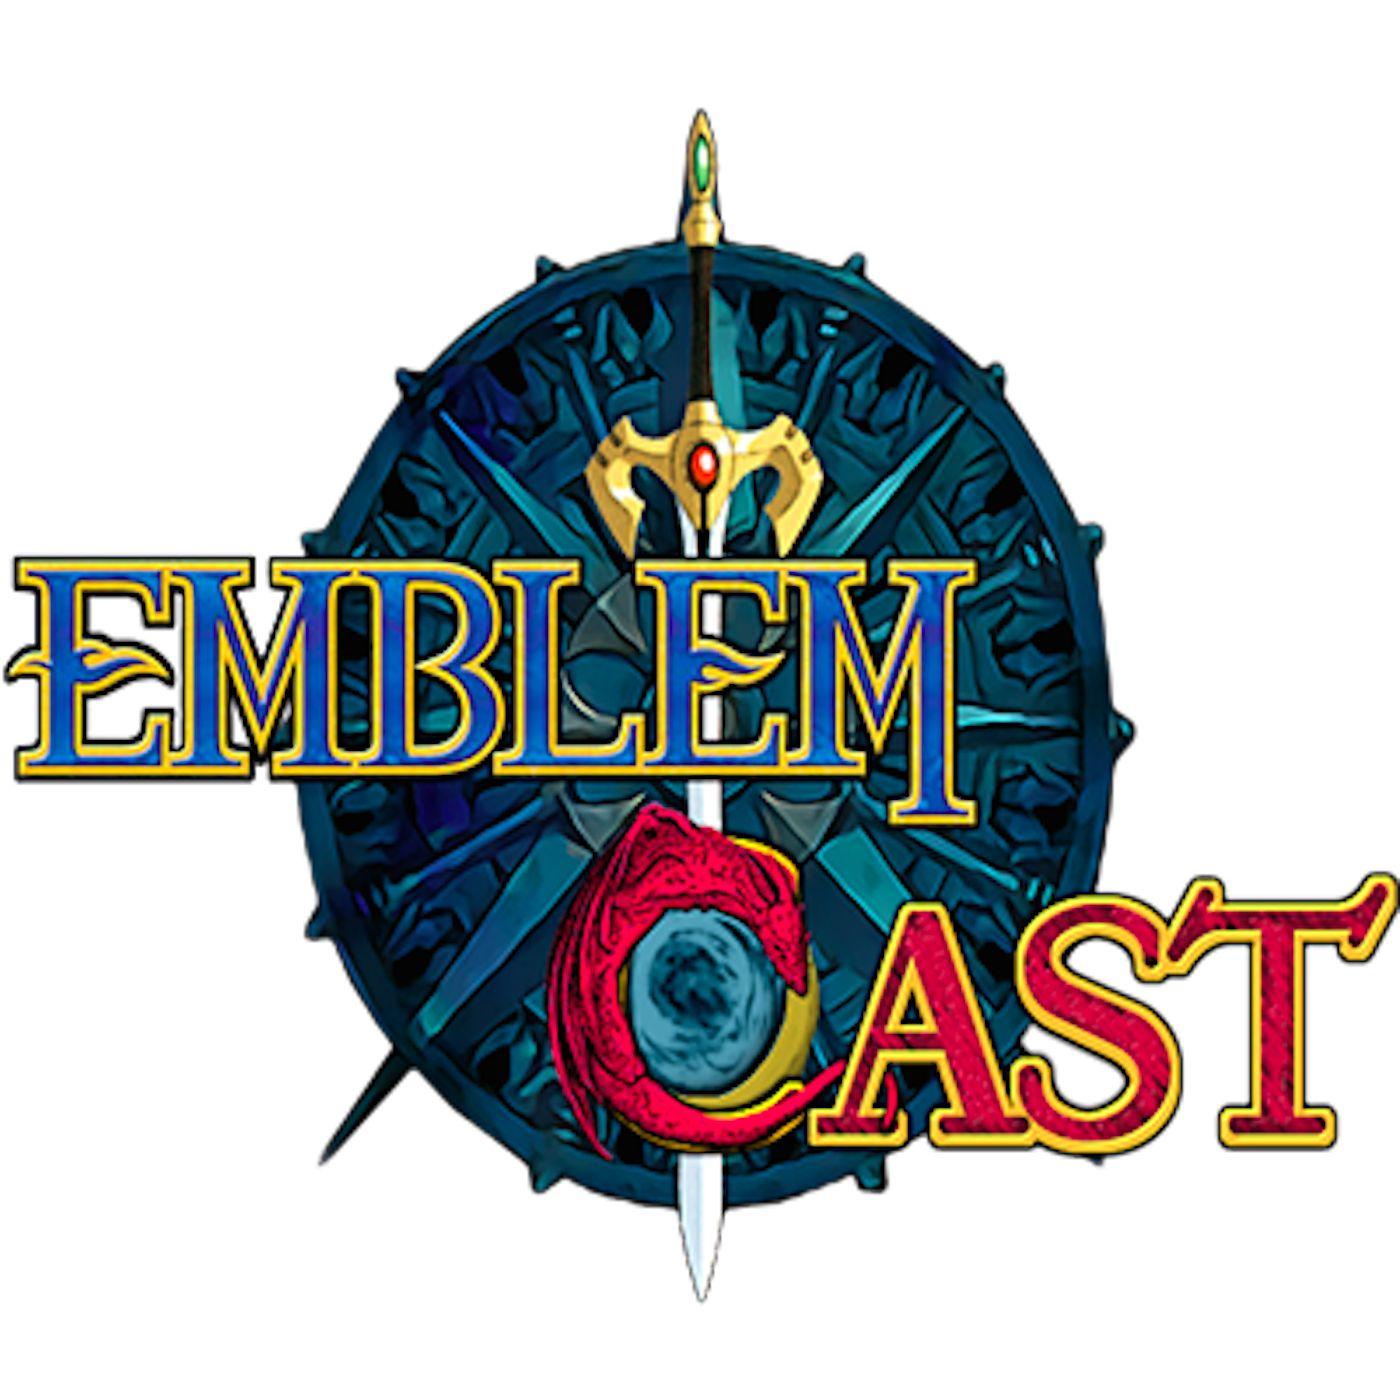 EmblemCast JRPG Podcast Cover